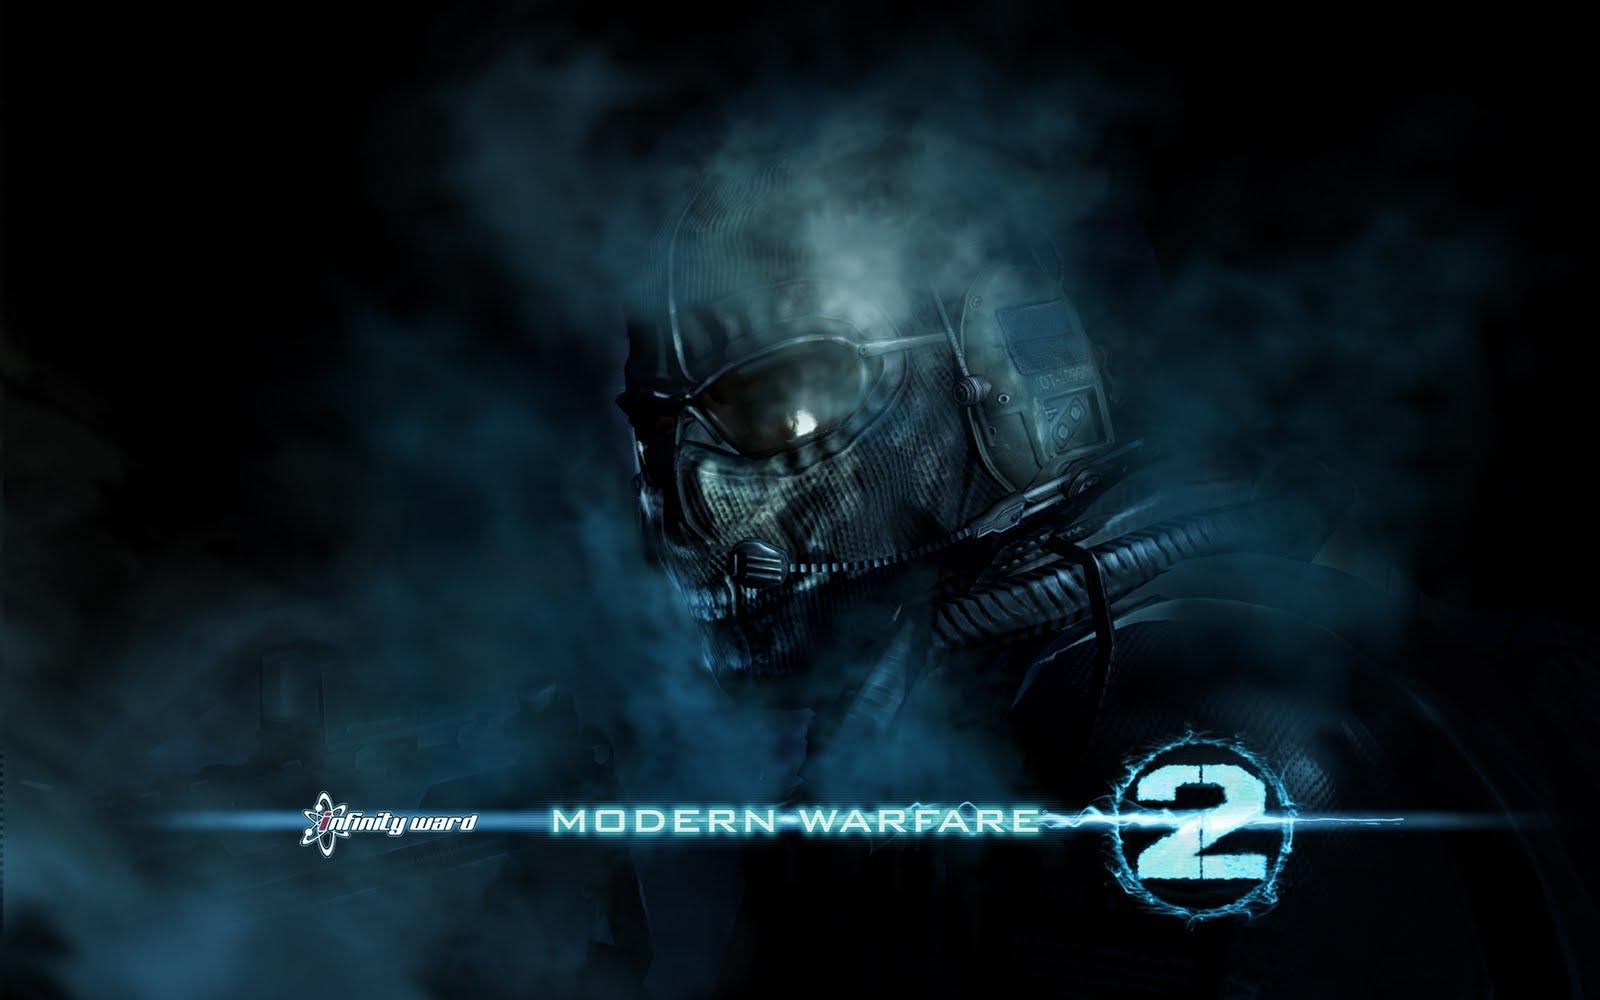 http://2.bp.blogspot.com/_V6TVDECge74/TFFCSnOokQI/AAAAAAAAAw8/QBj1e7RxnXc/s1600/Modern+Warfare+2+wallpaper.jpg